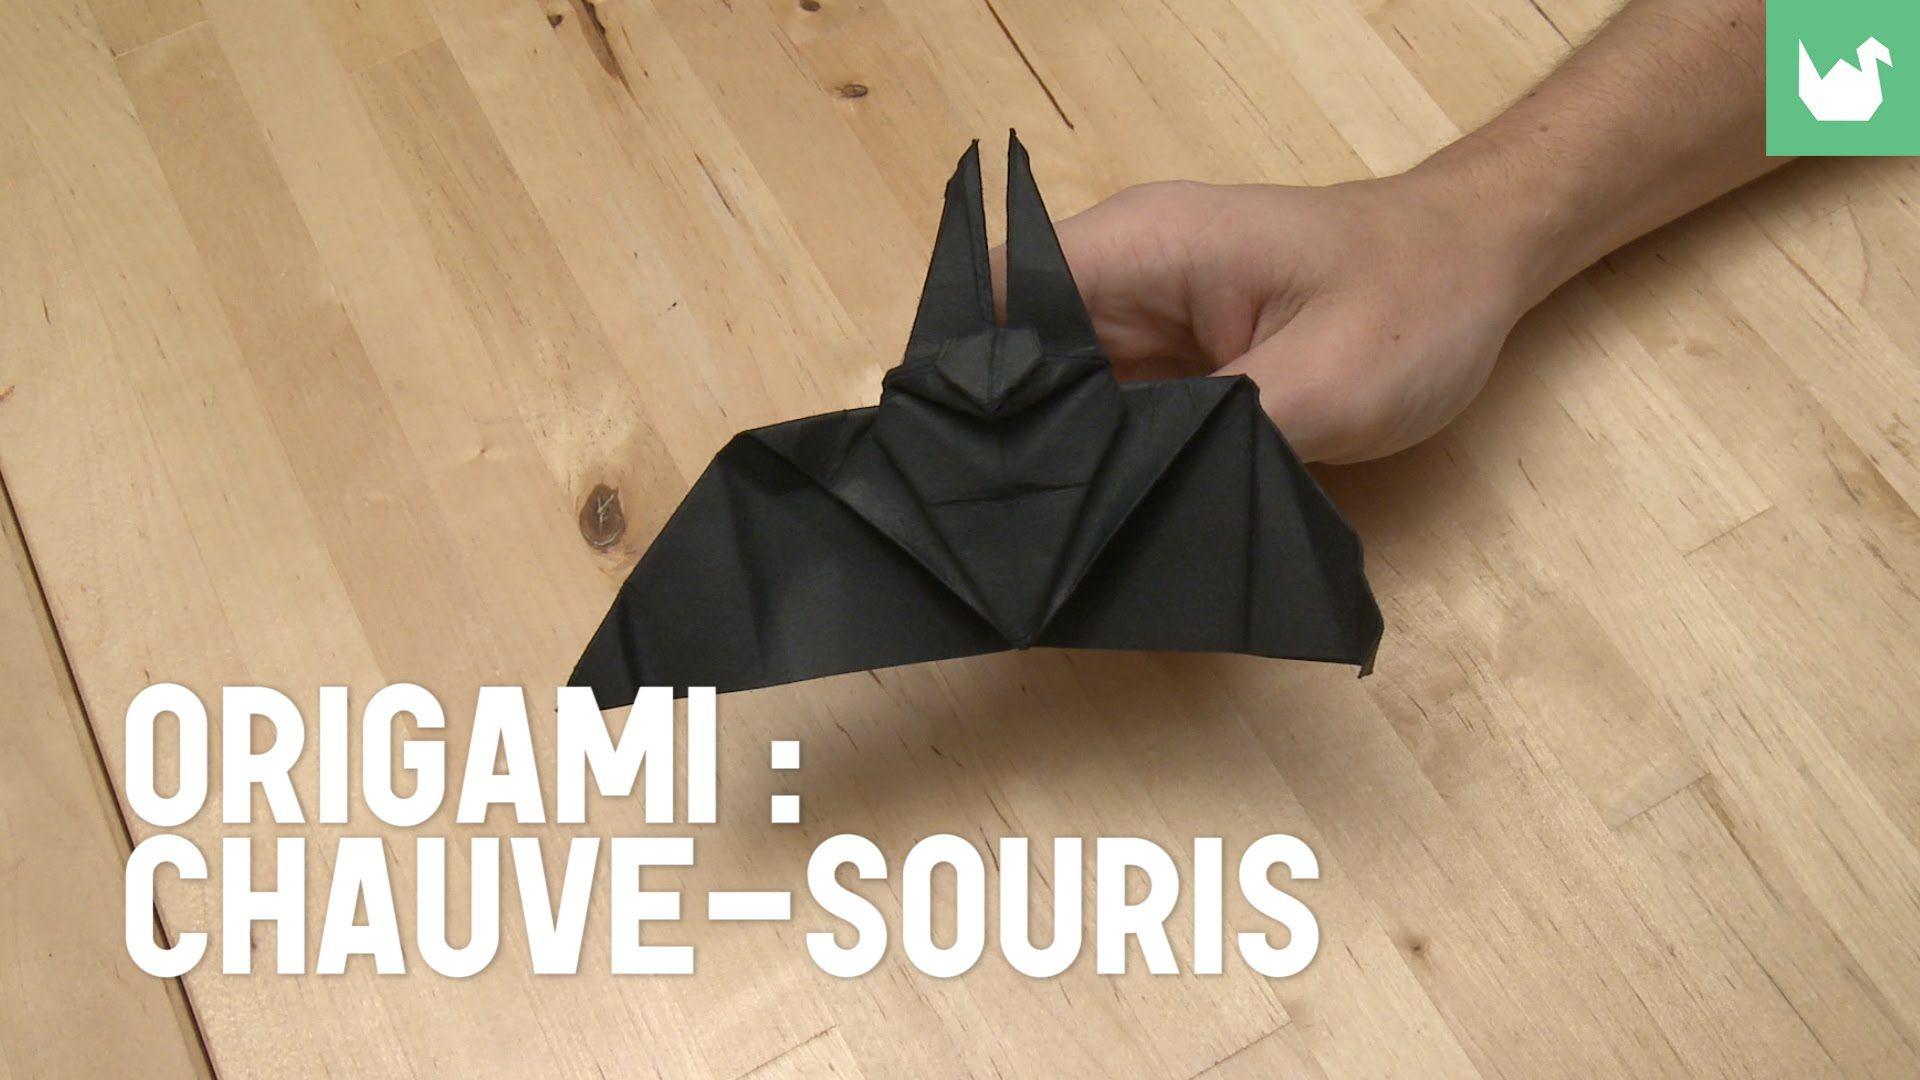 Chauve-Souris En Origami   Chauve Souris, Tutoriel D'origami tout Origami Chauve Souris